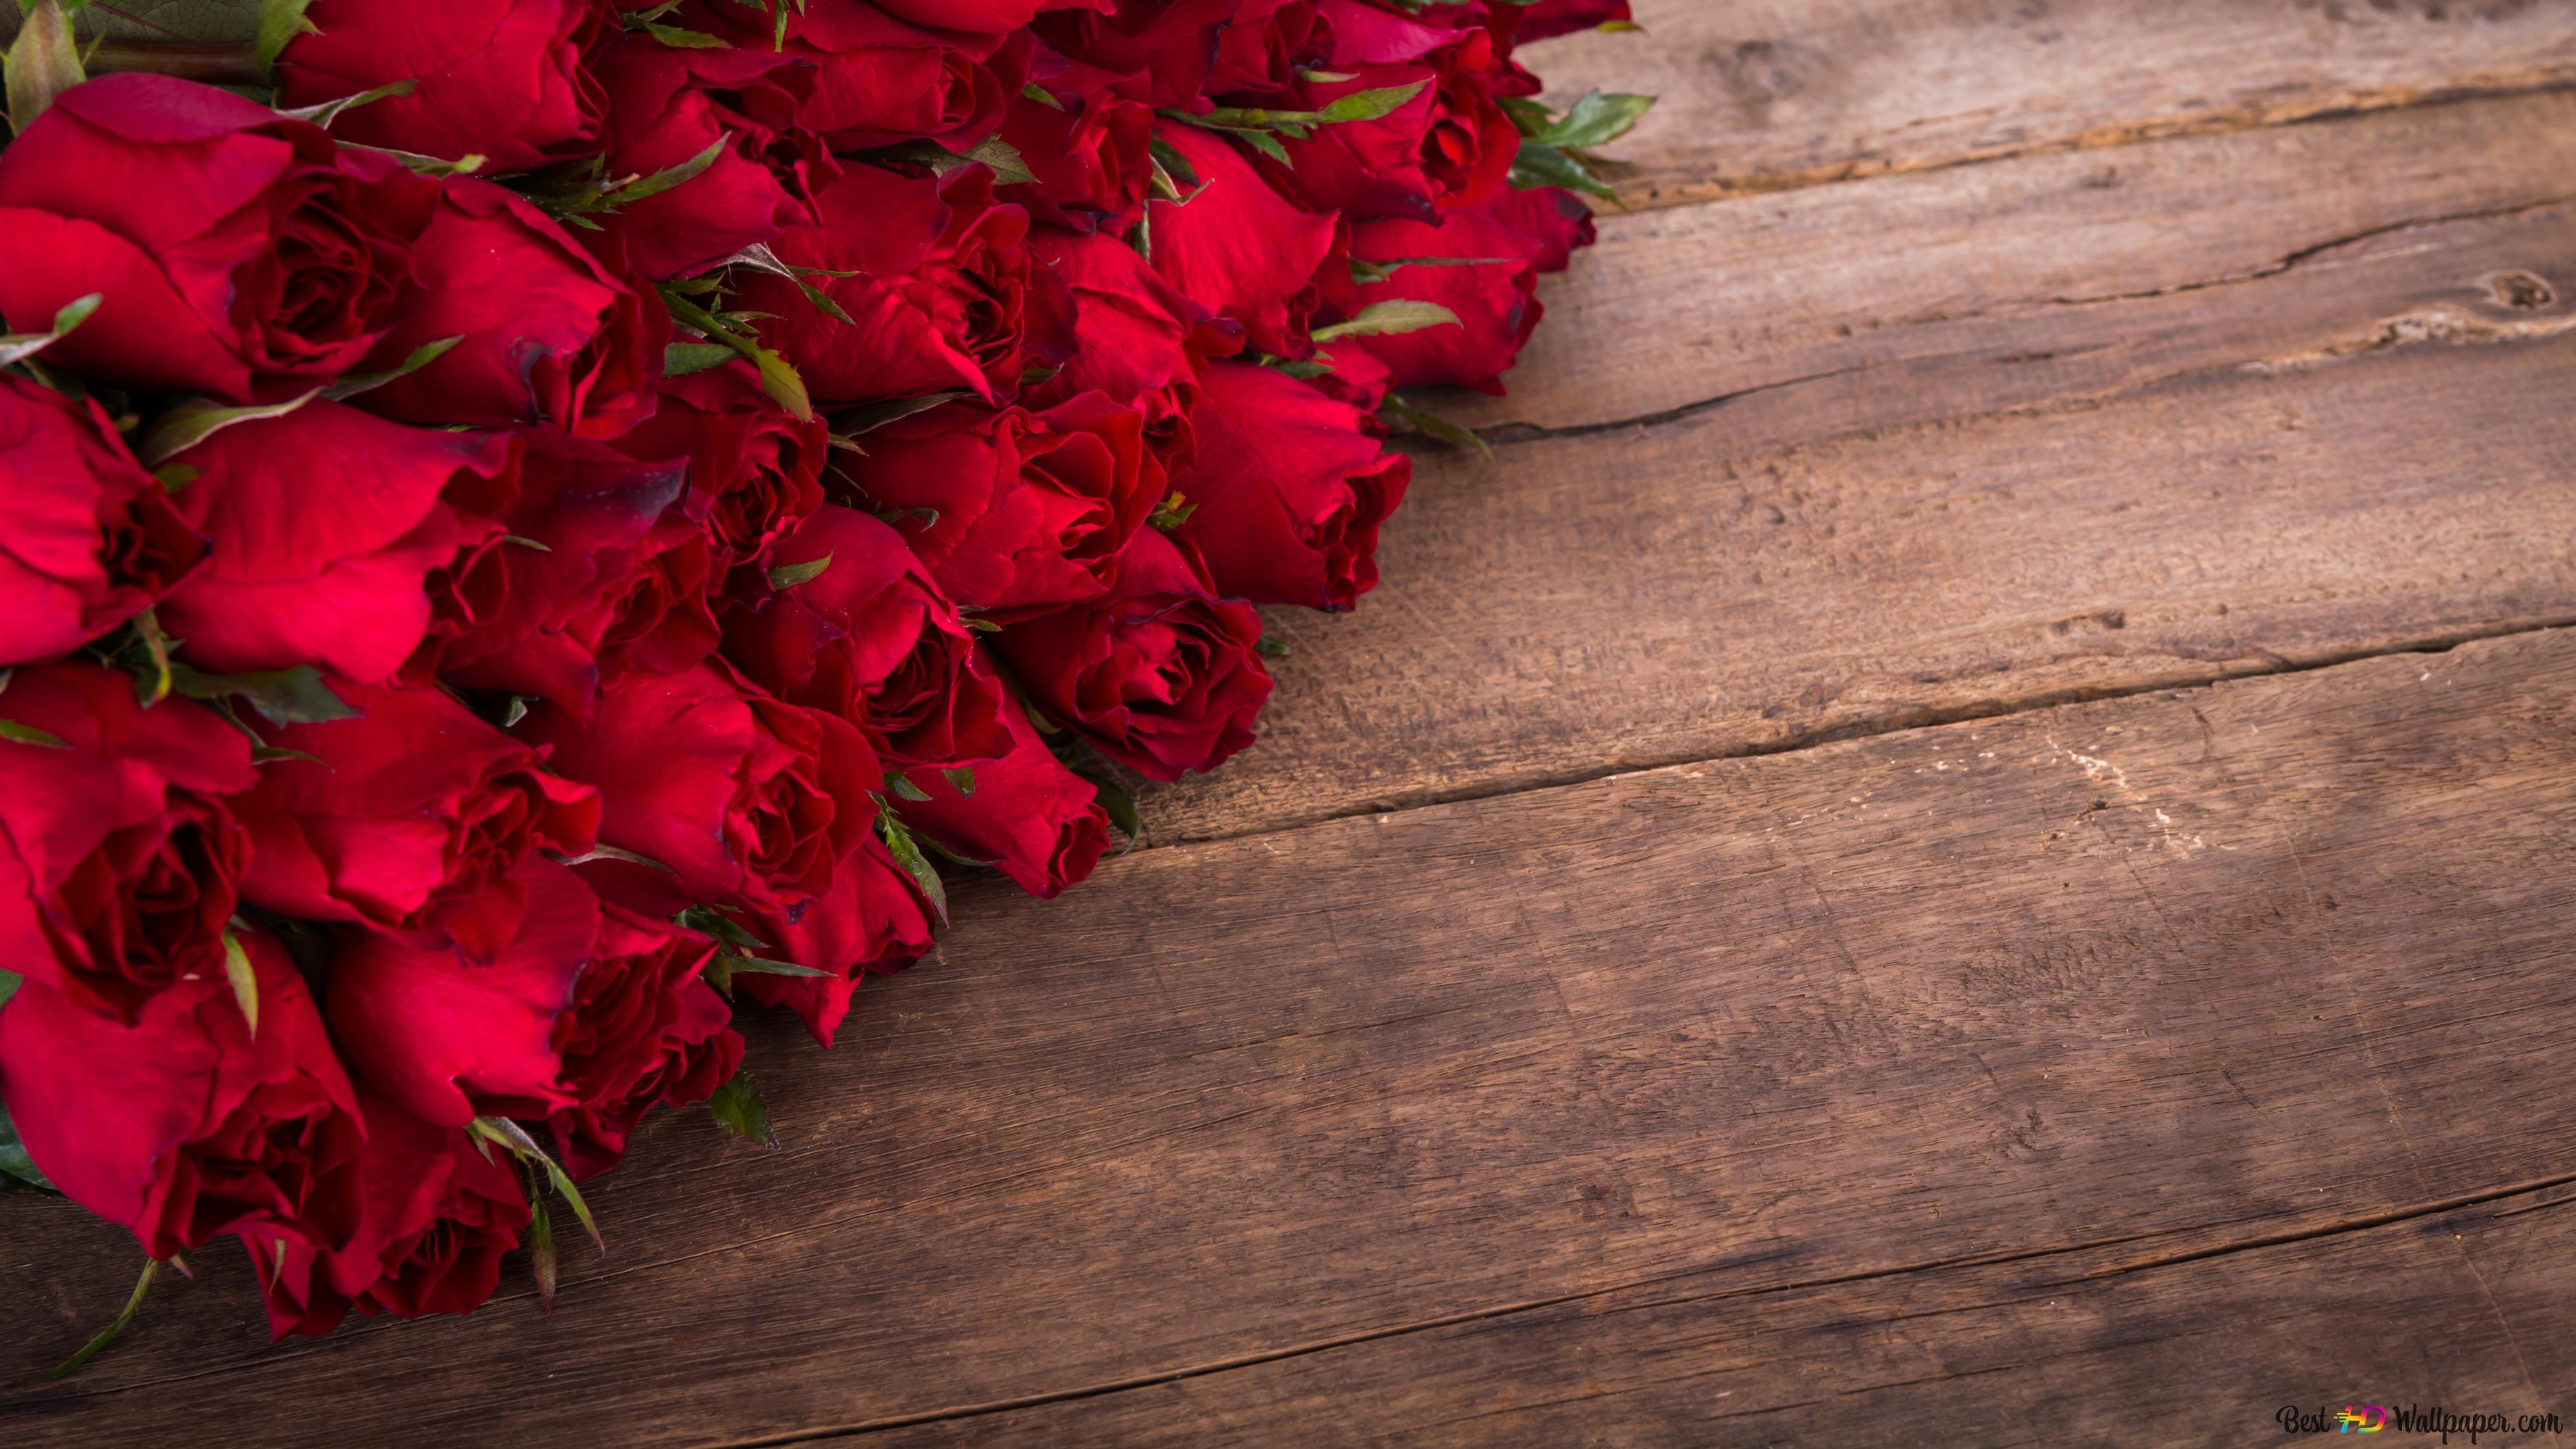 Rose Bouquet Hd Wallpaper Downloaden